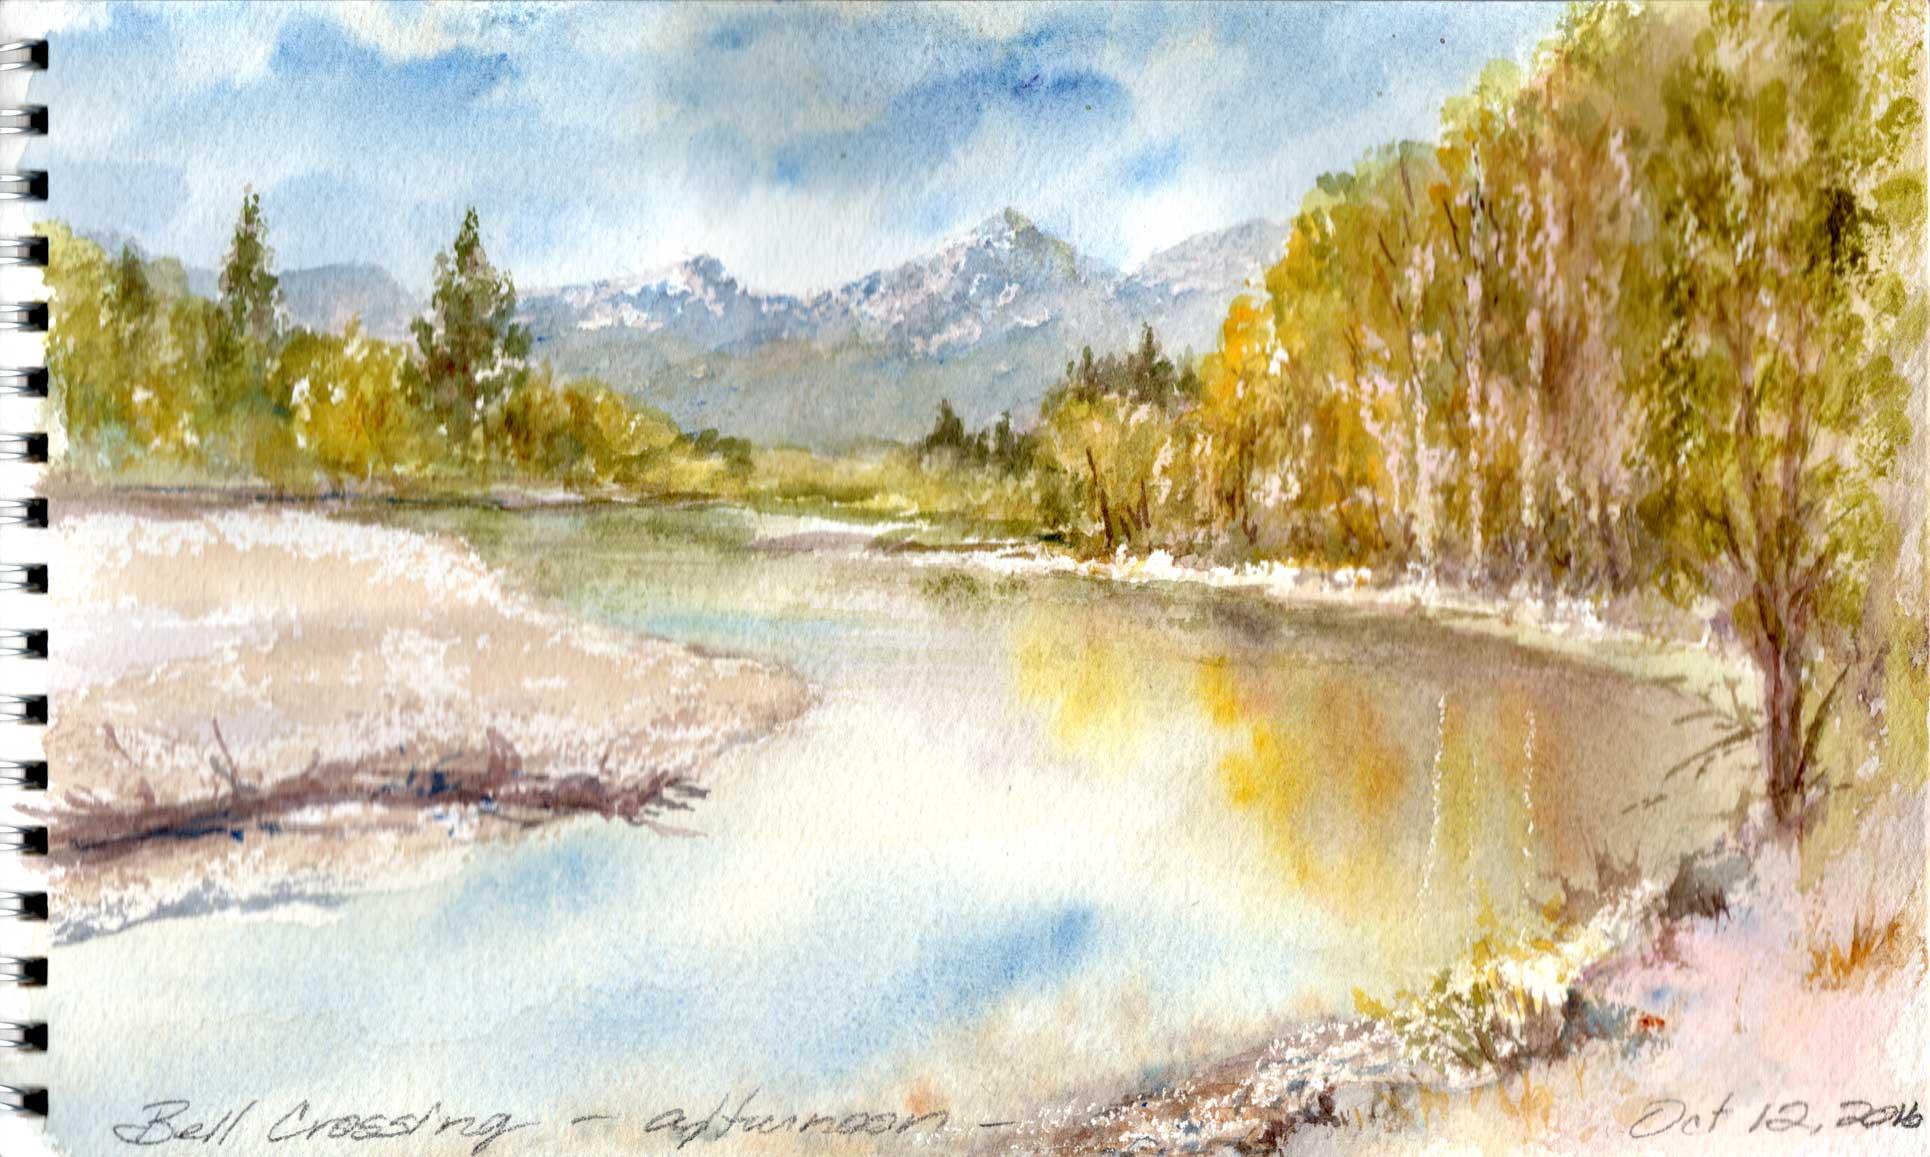 Bell Crossing En Plein Air Watercolor Painting by Roberta Burruss